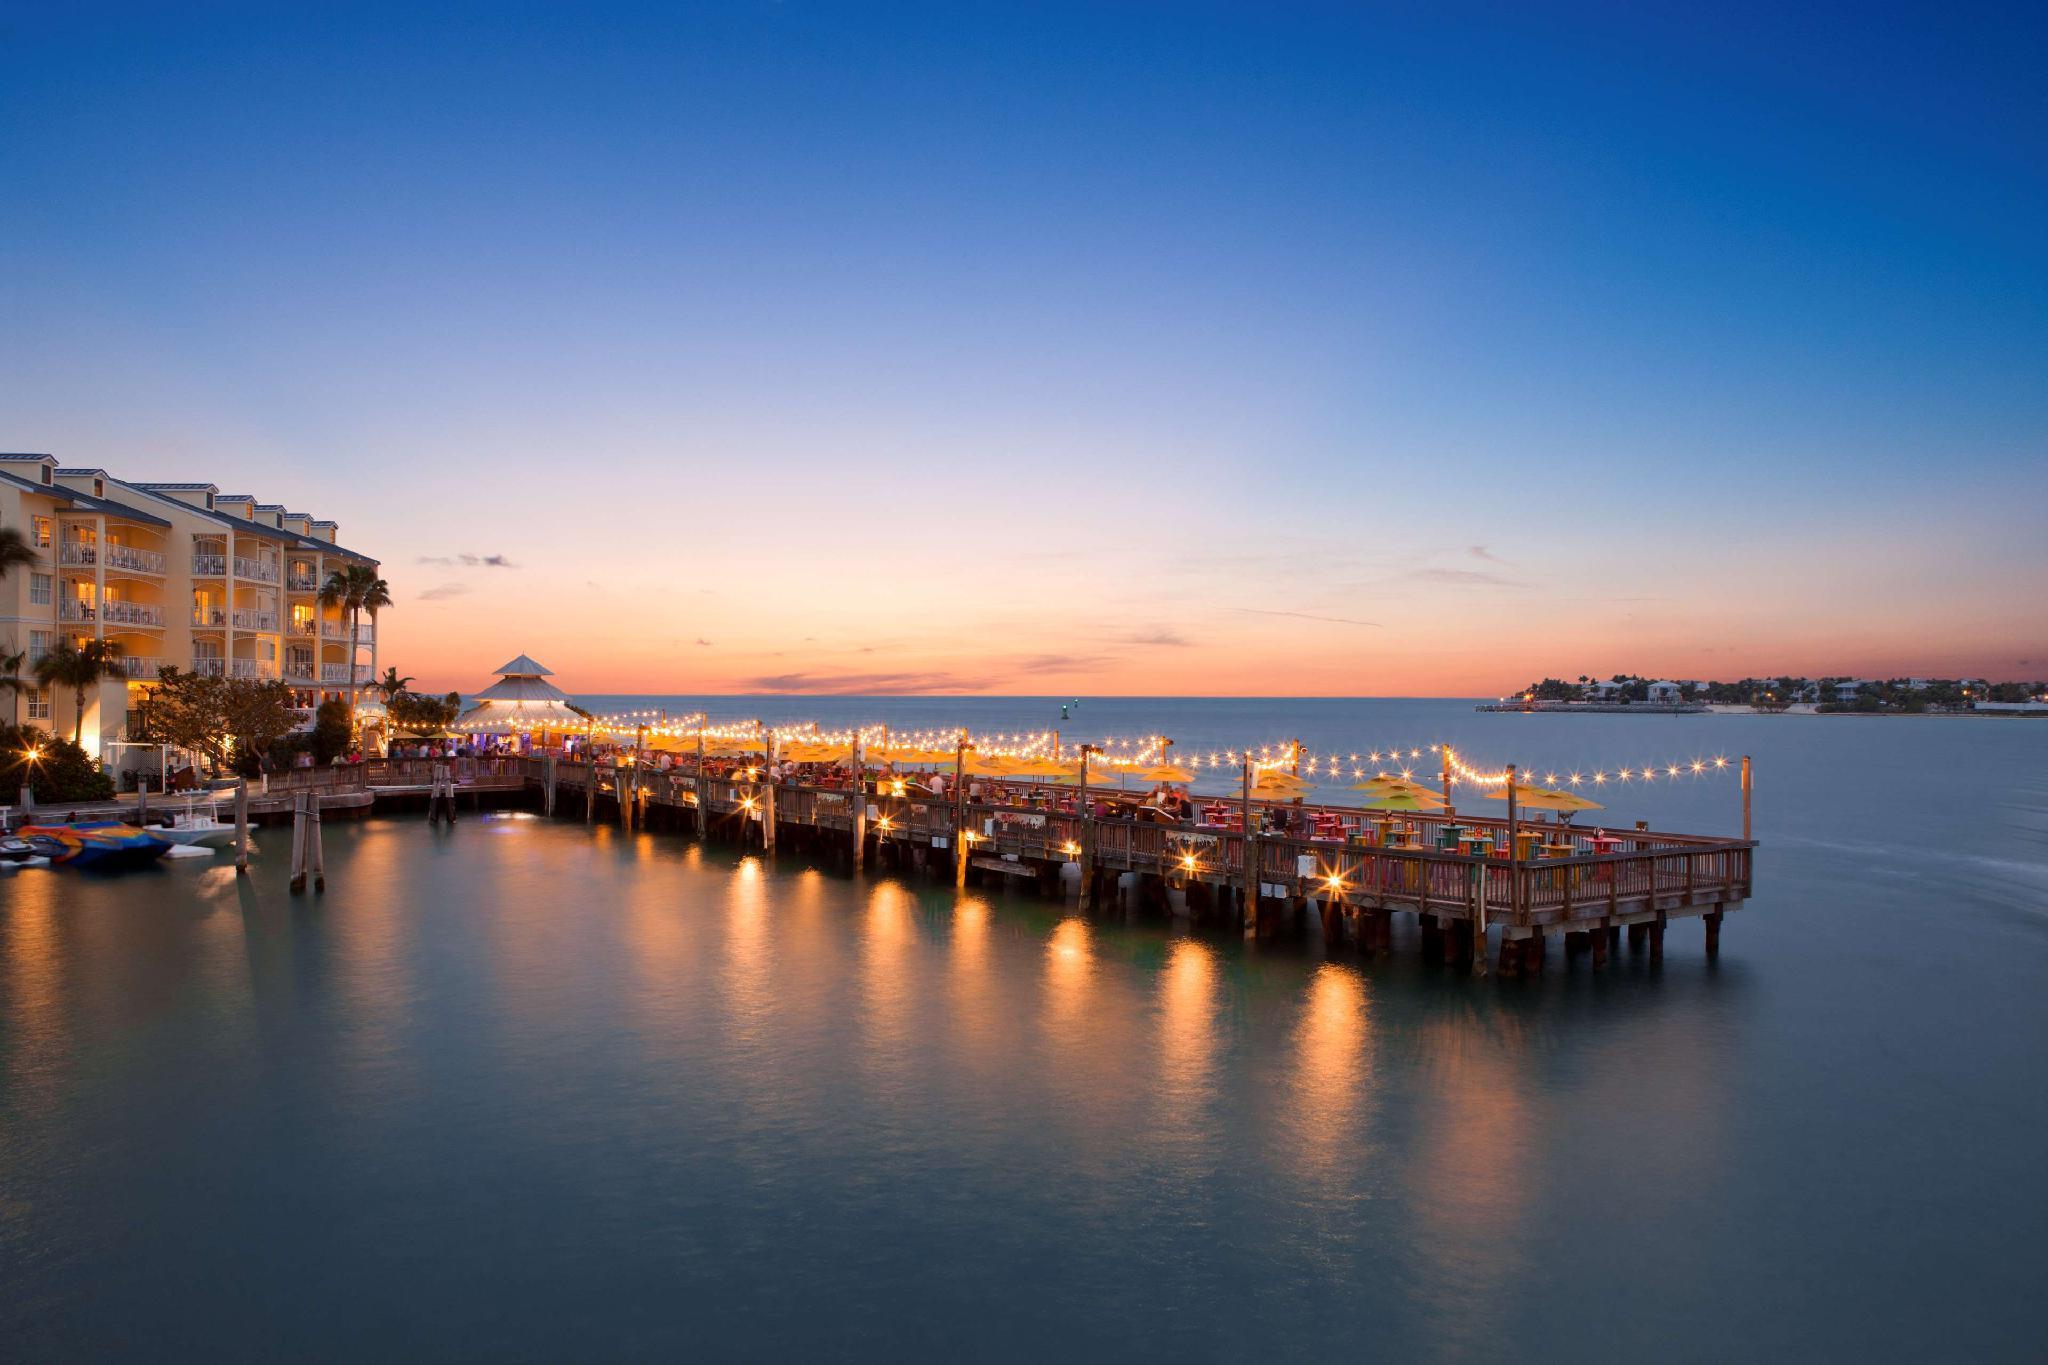 Ocean Key Resort & Spa Key West (FL) United States